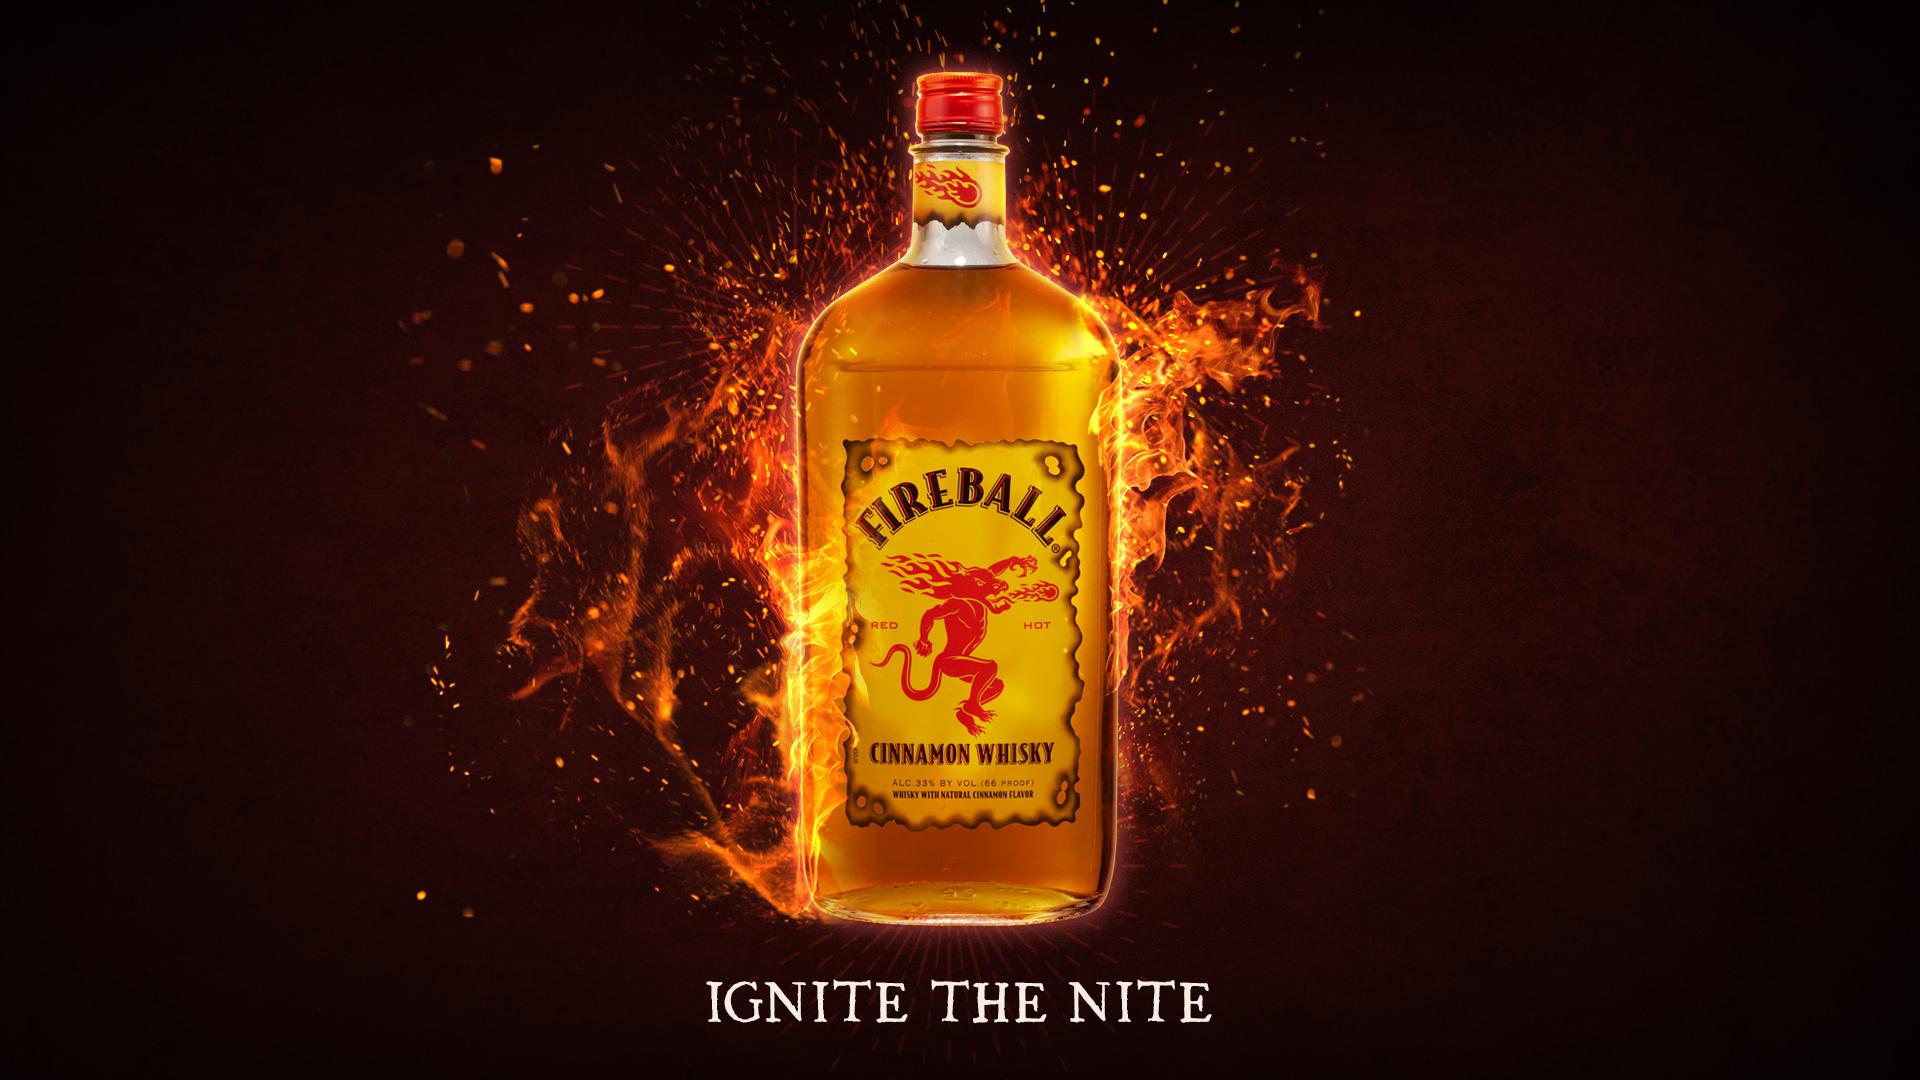 Fireball Whisky Desktop Wallpaper 66394 1920x1080px 1920x1080